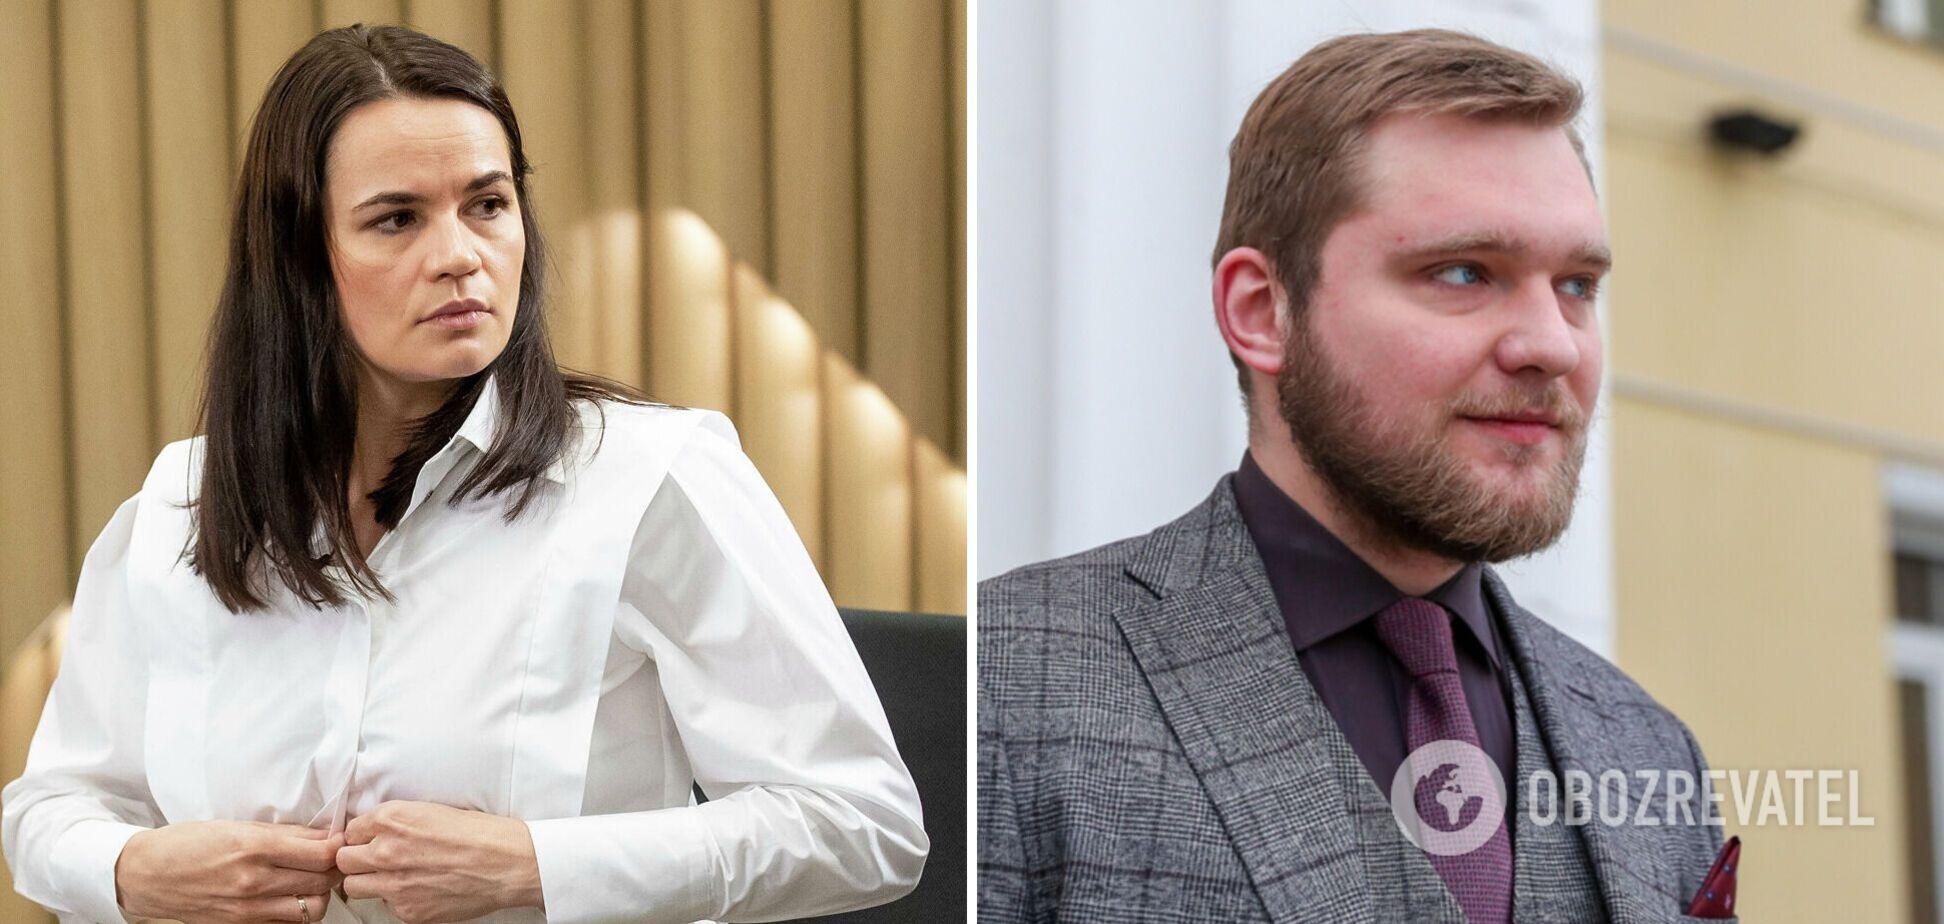 Беларусский пропагандист обозвал Тихановскую 'третьим полом' и 'мразью'. Видео